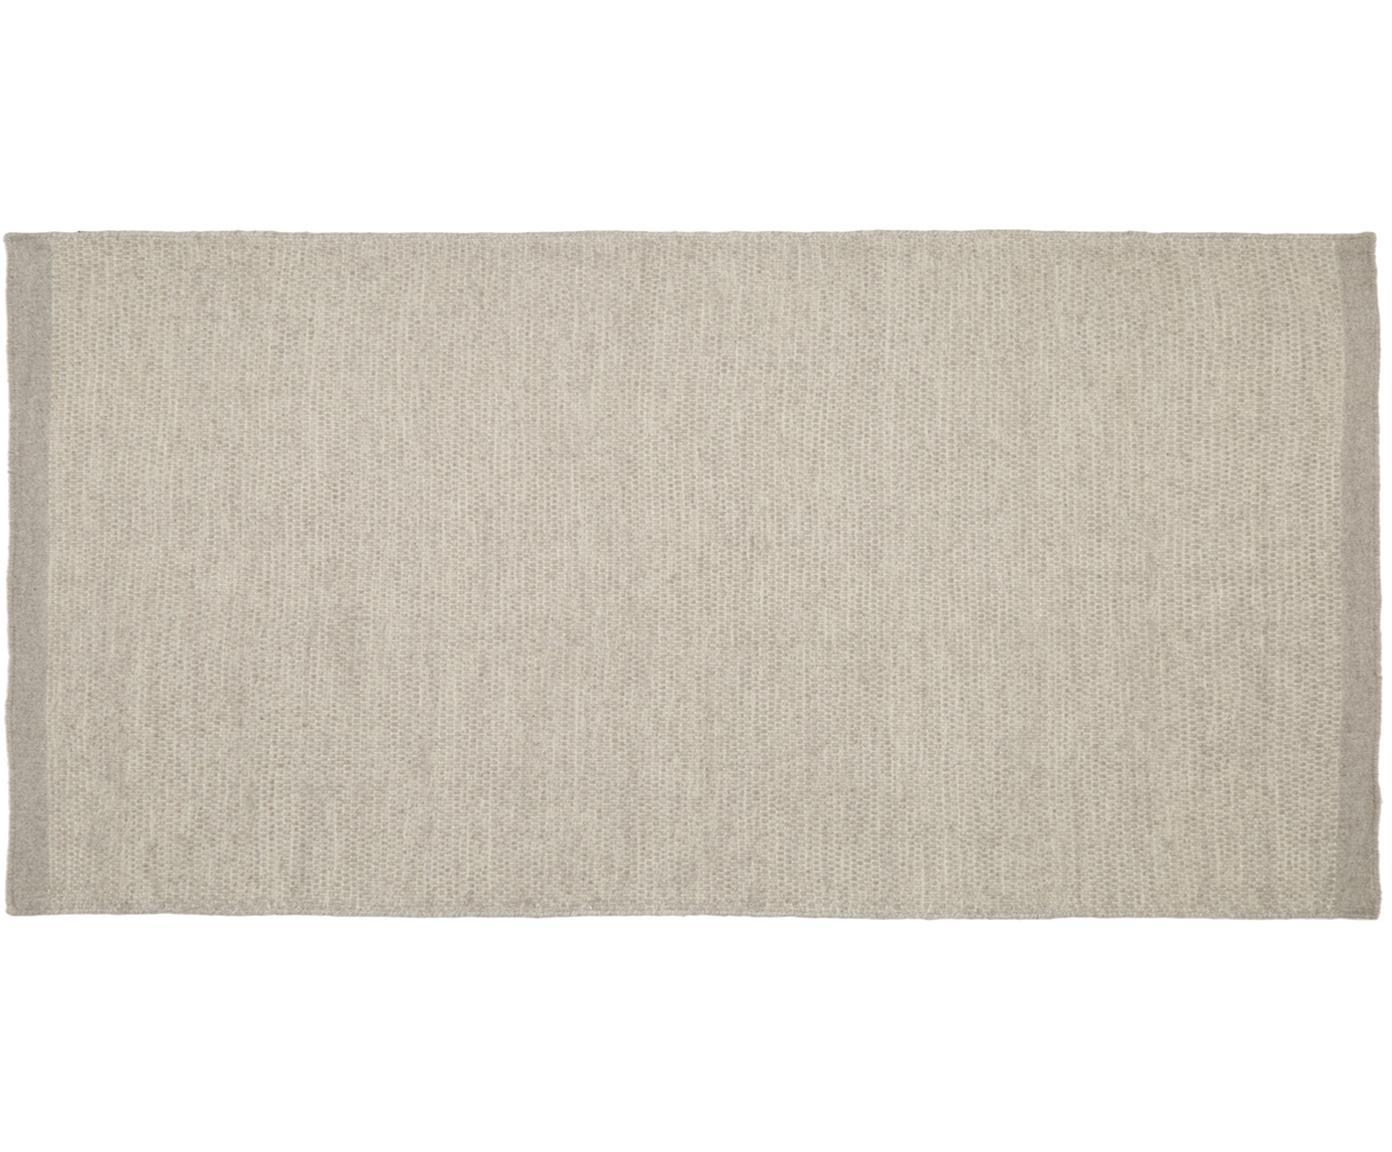 Tappeto in lana tessuto a mano Delight, Retro: cotone, Grigio chiaro, Larg. 70 x Lung. 140 cm (taglia XS)